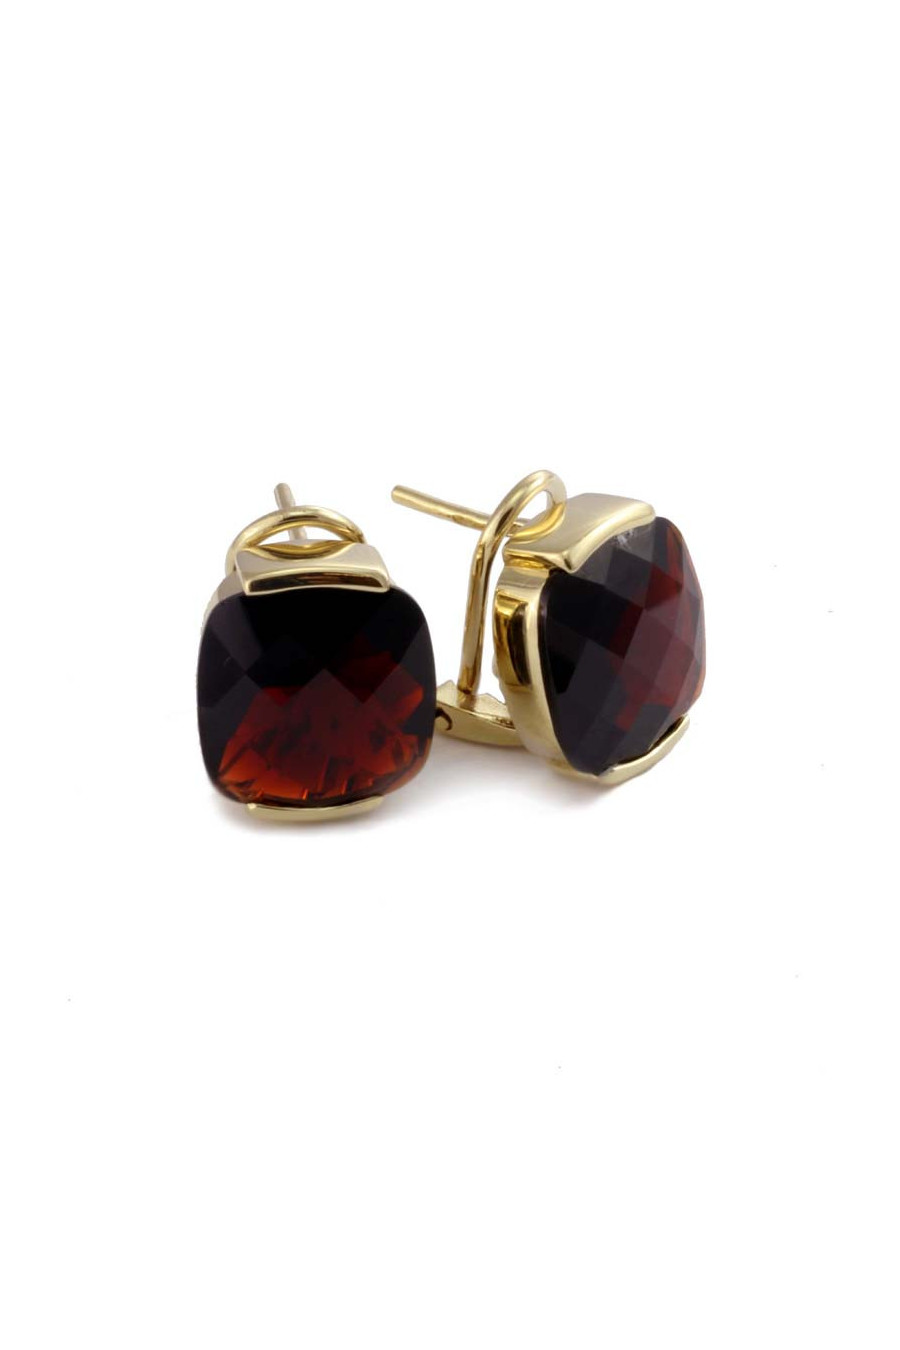 Gold earrings with garnet